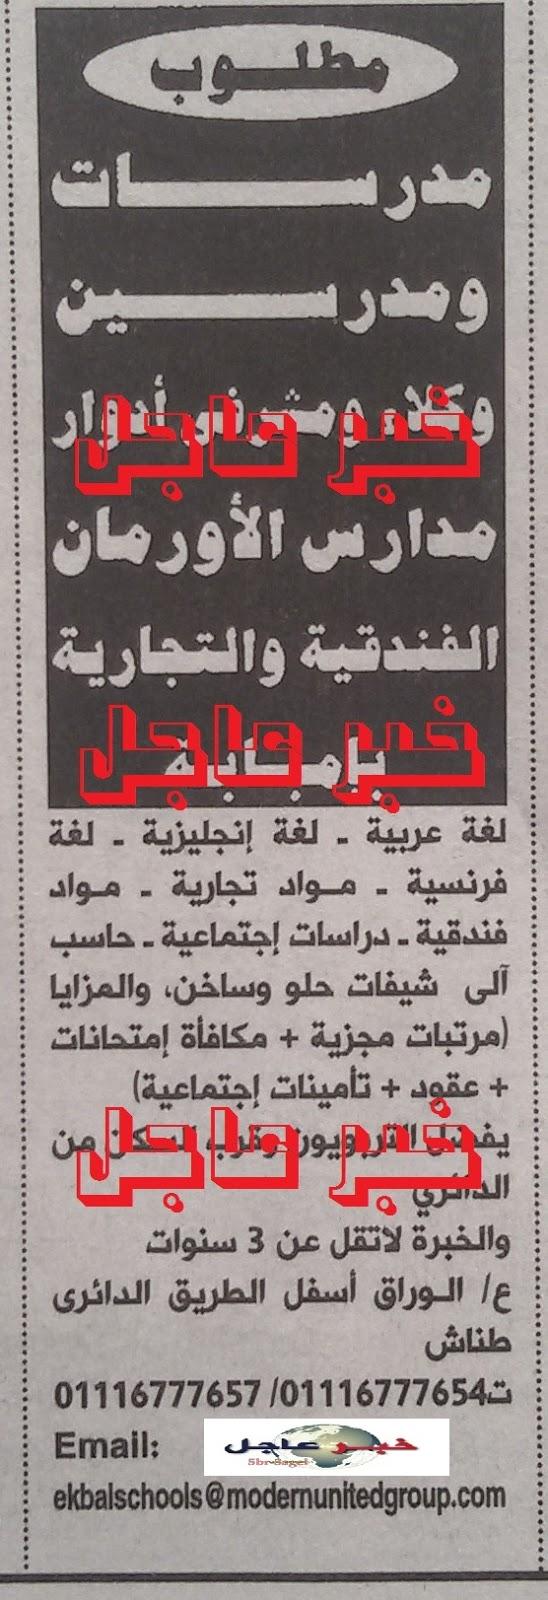 """مدرسين ومدرسات ووكلاء ومشرفين """" لمدارس الاورمان """" كل التخصصات منشور 4 / 9 / 2015"""